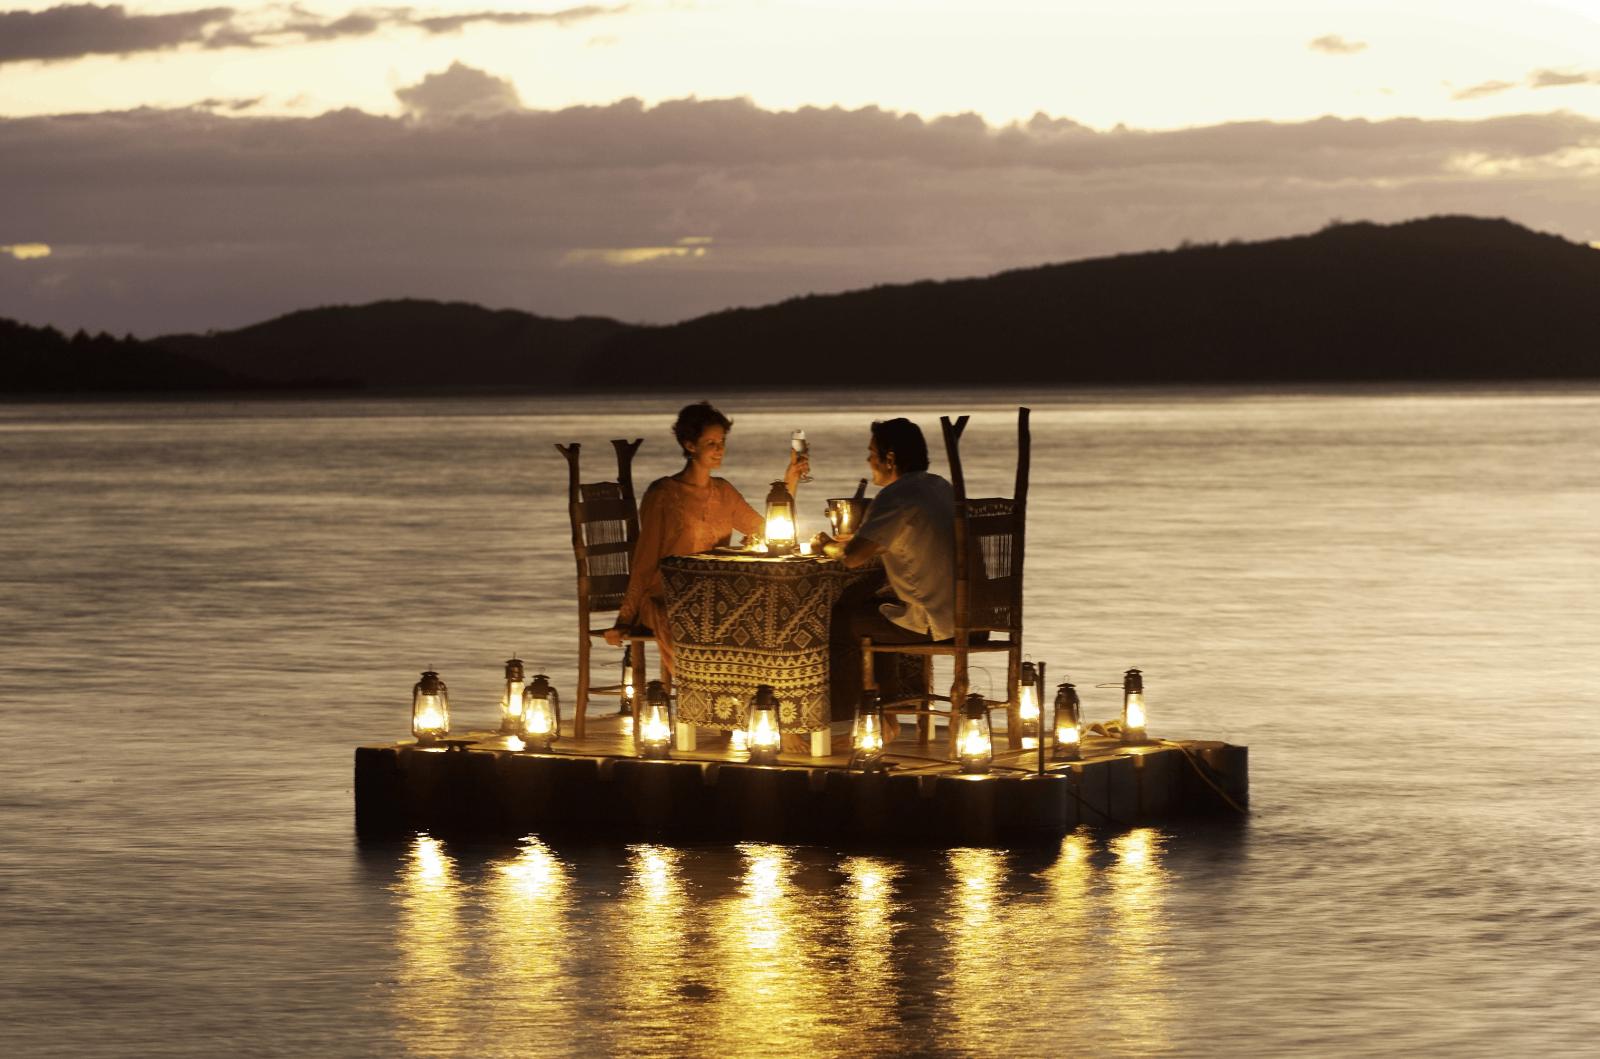 15 Romantic Dinner Ideas for Two - Make Easy Romantic Dinner ...